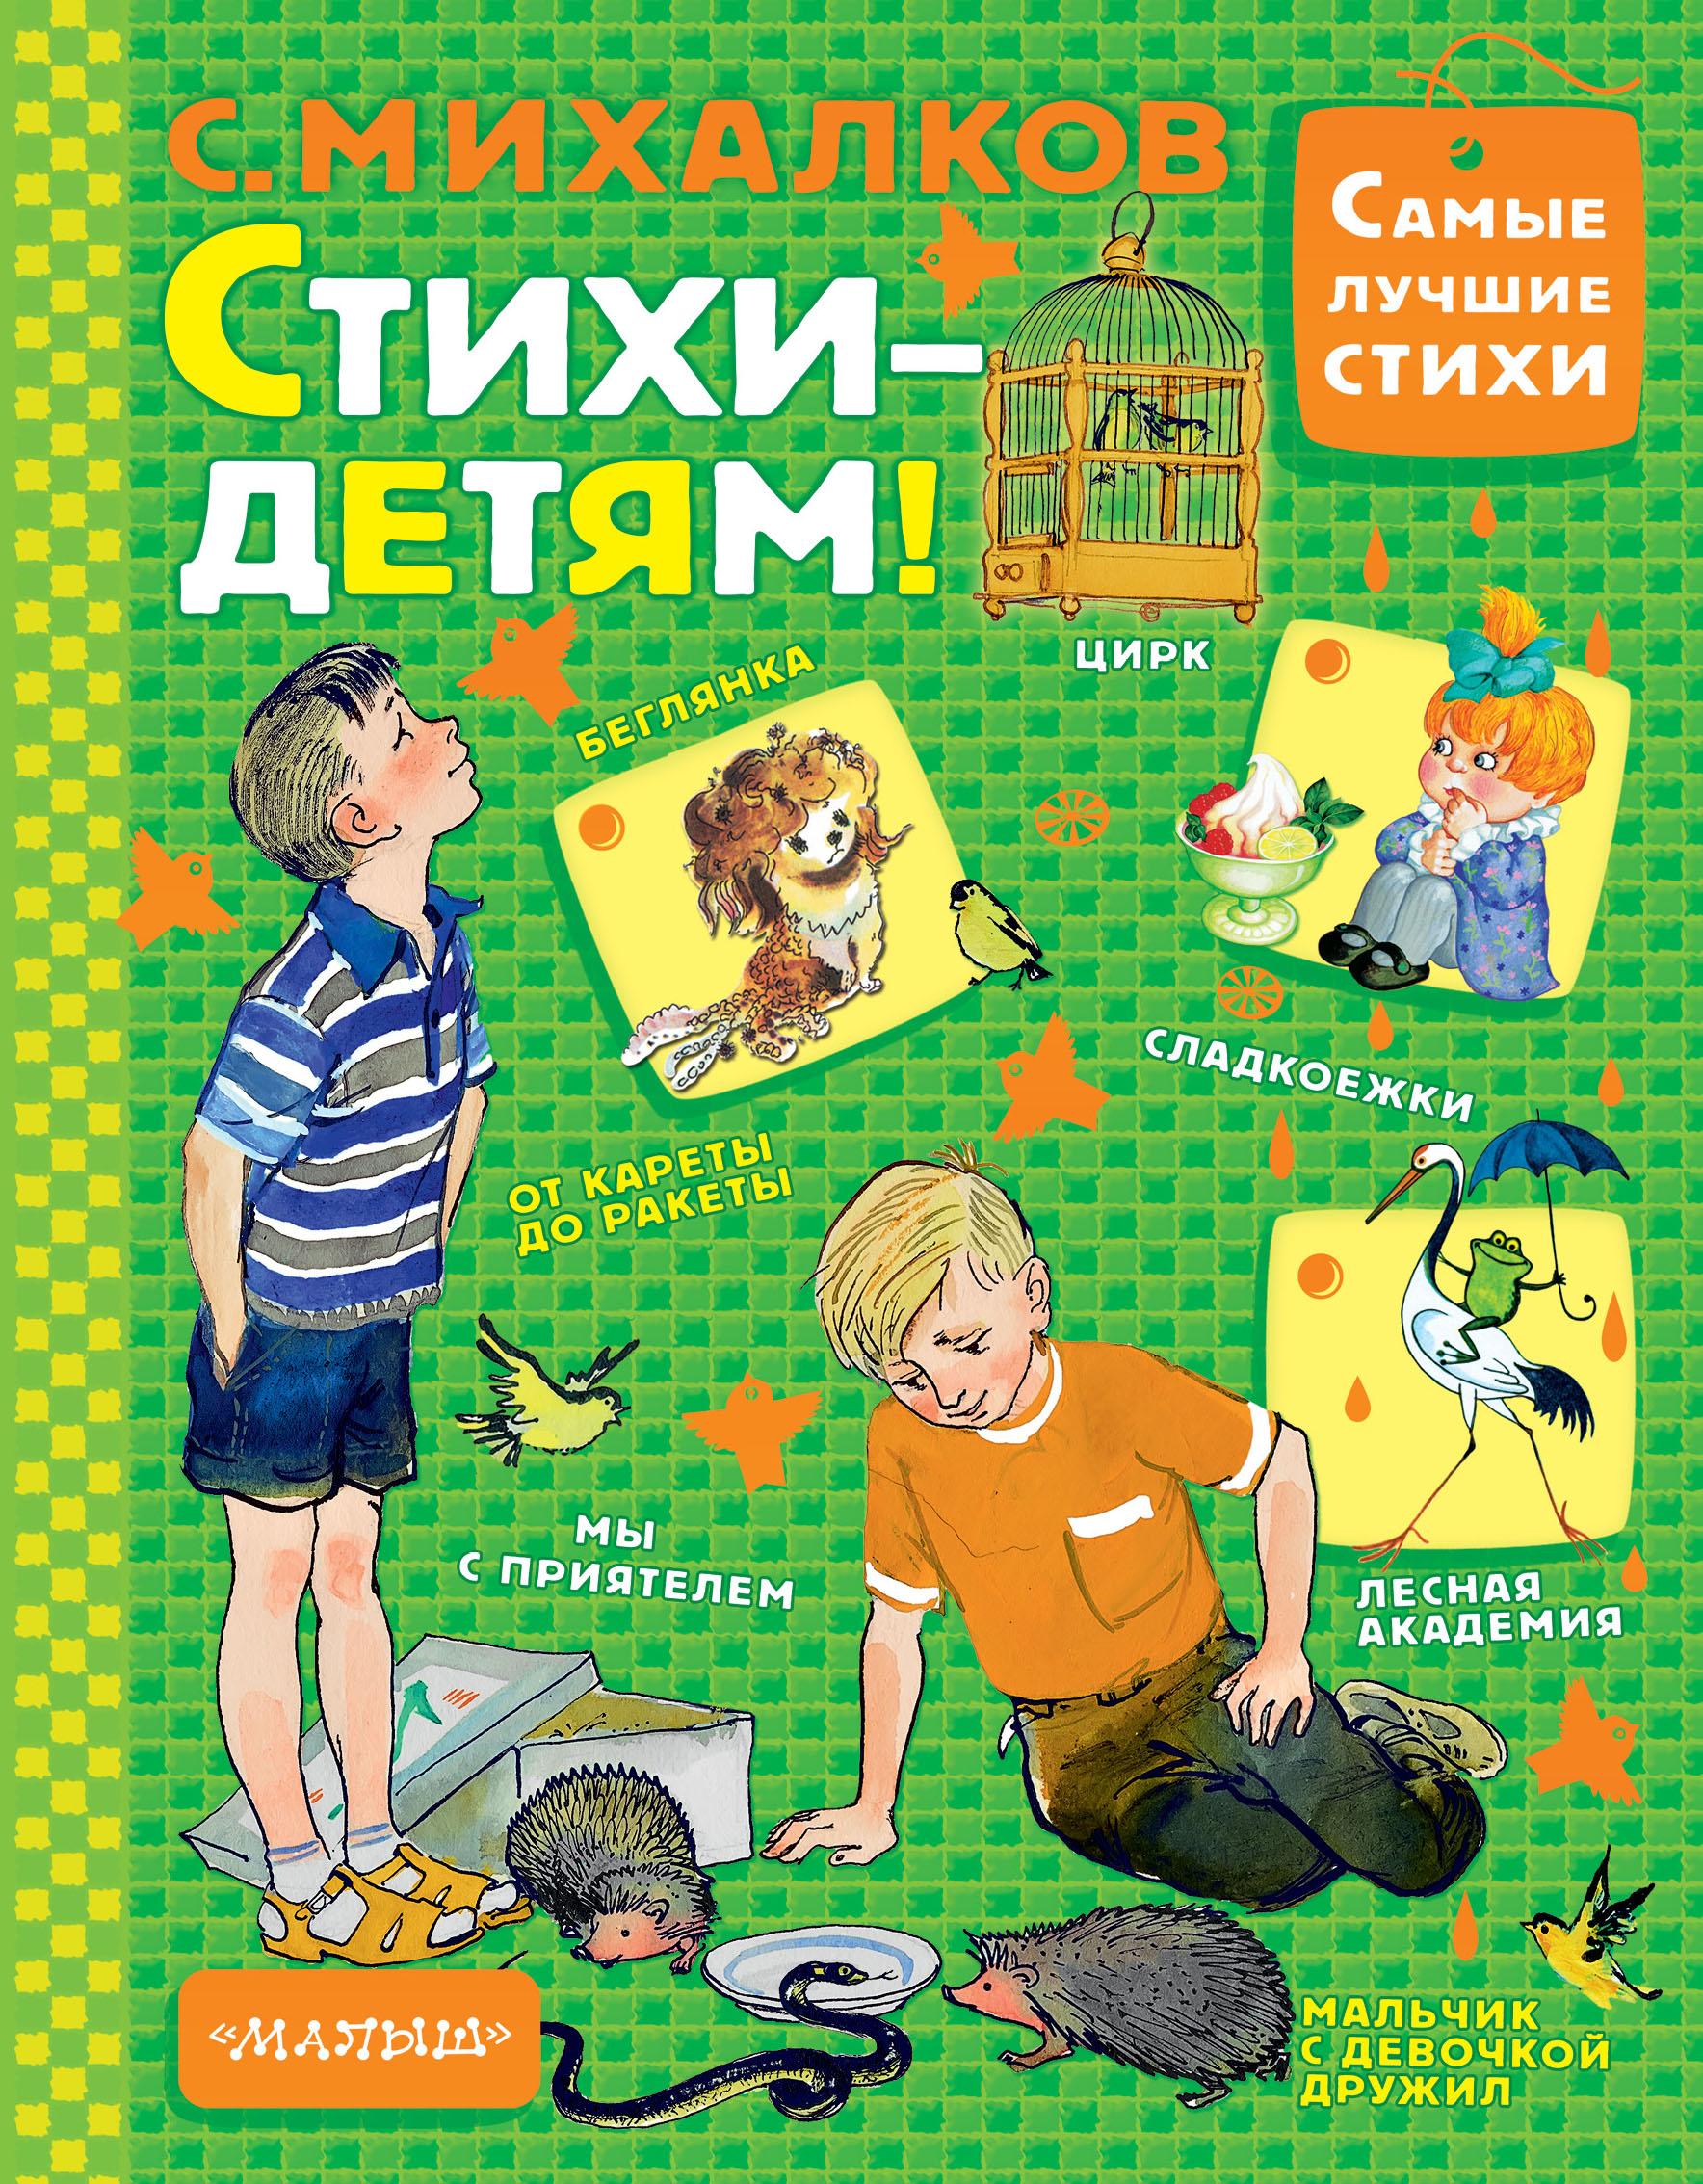 Михалков С.В. Стихи - детям! сергей михалков стихи друзей